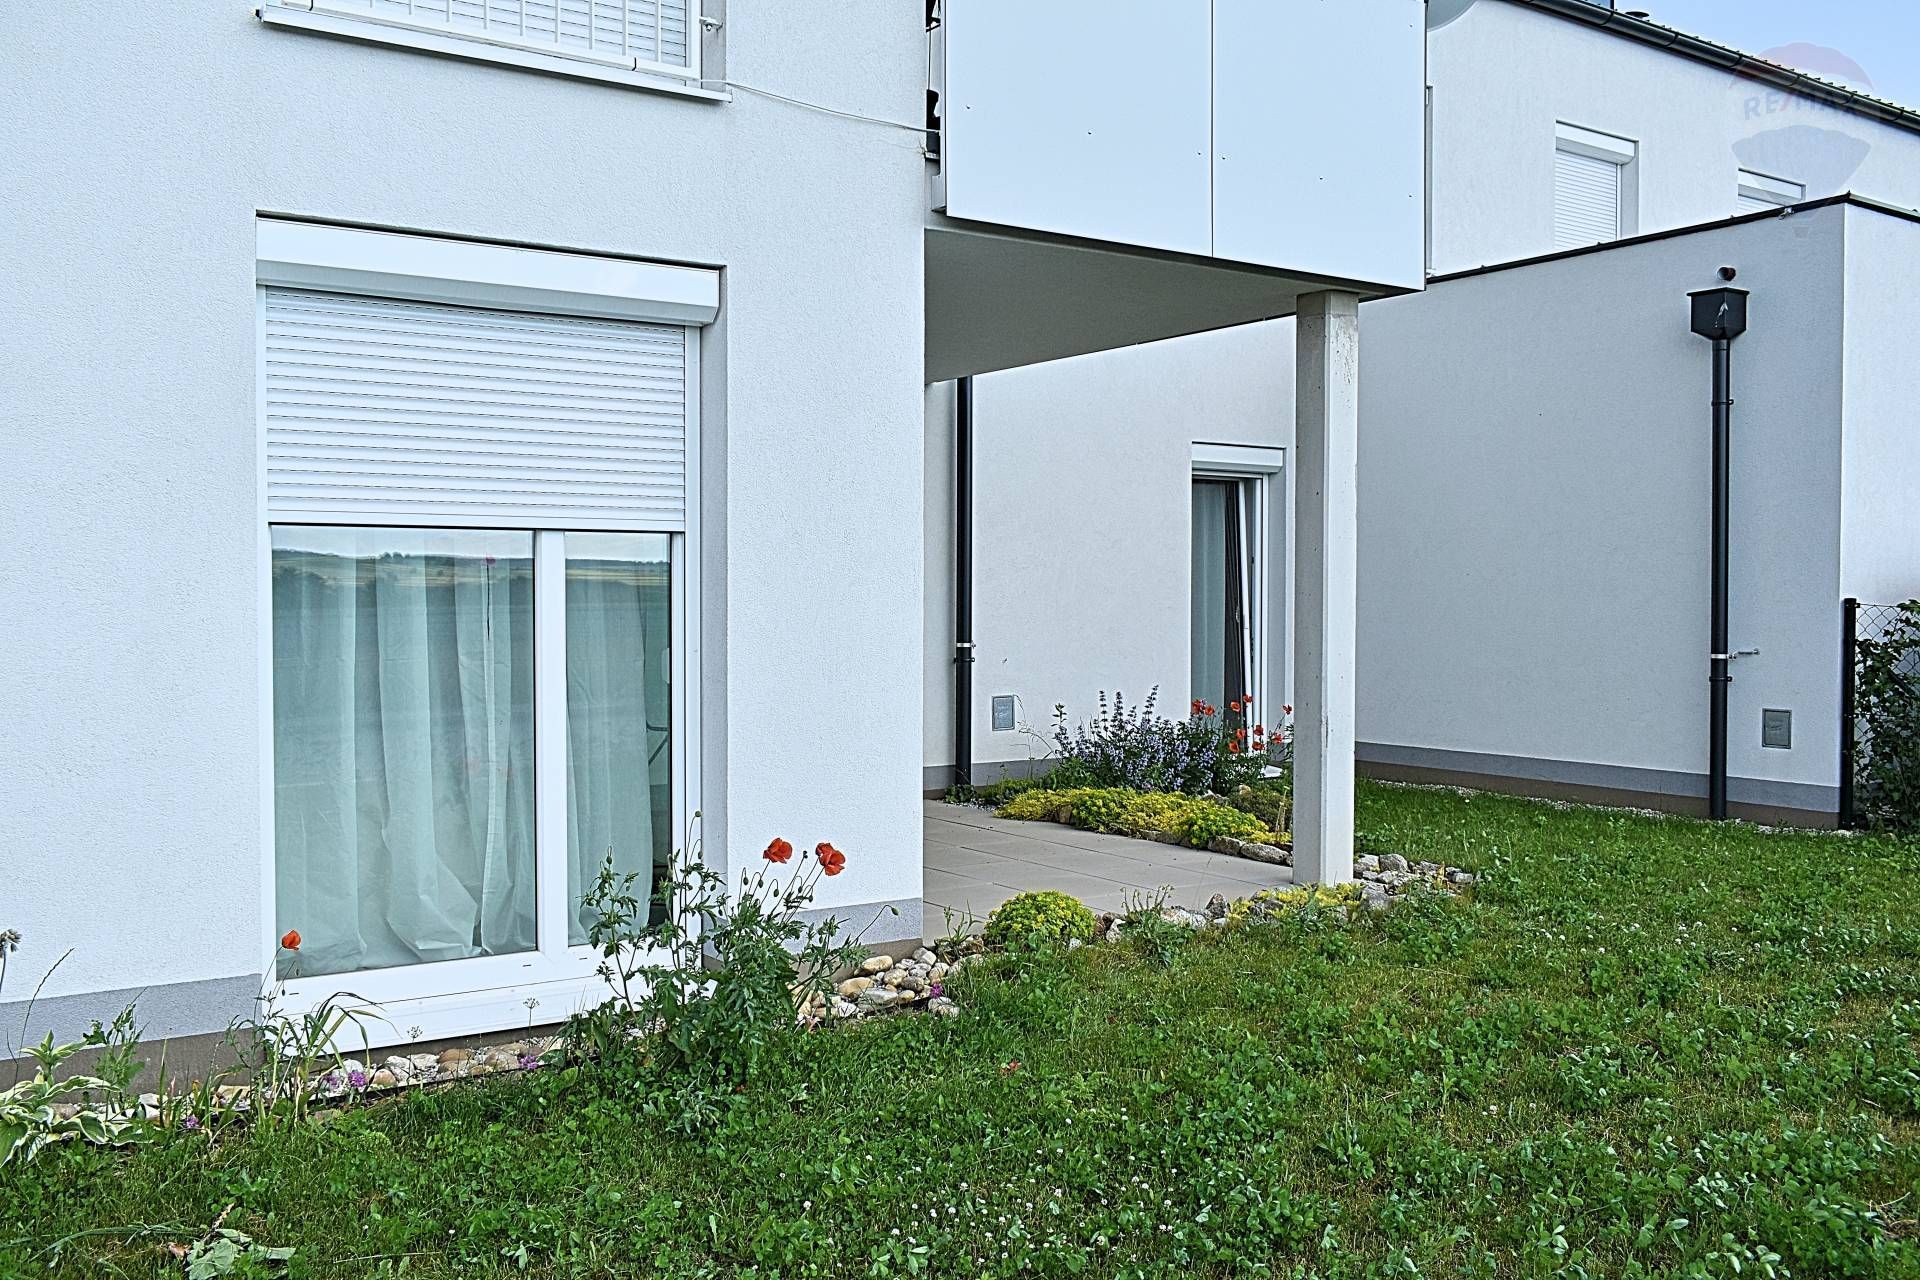 Predaj 3 izbového bytu v Kittsee,82m2 s terasou a záhradou